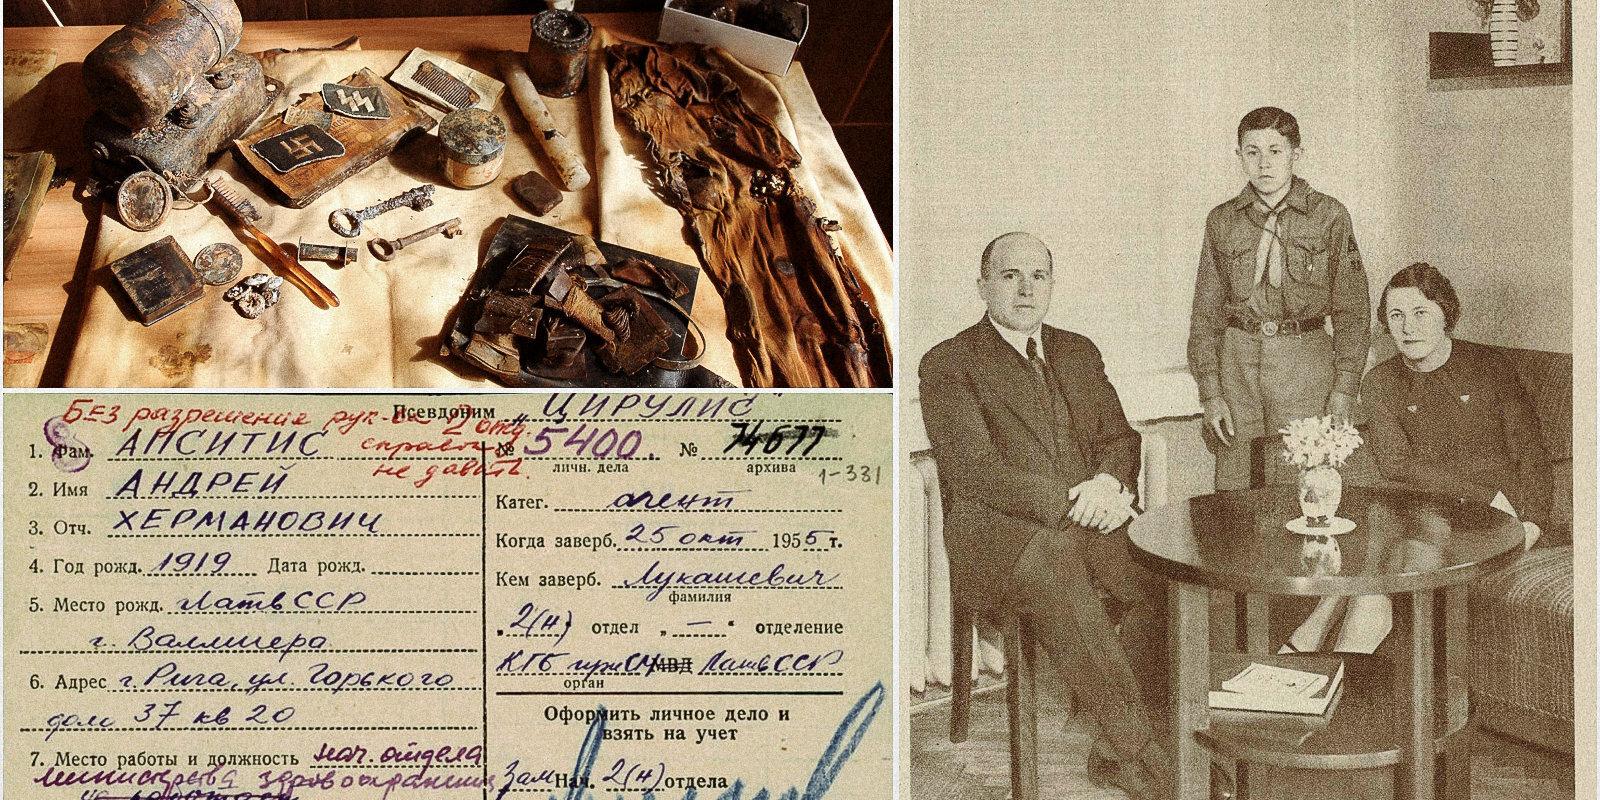 Kurzemē atrastās kastes noslēpumi – dokumenti piederējuši vēlākajam čekas aģentam